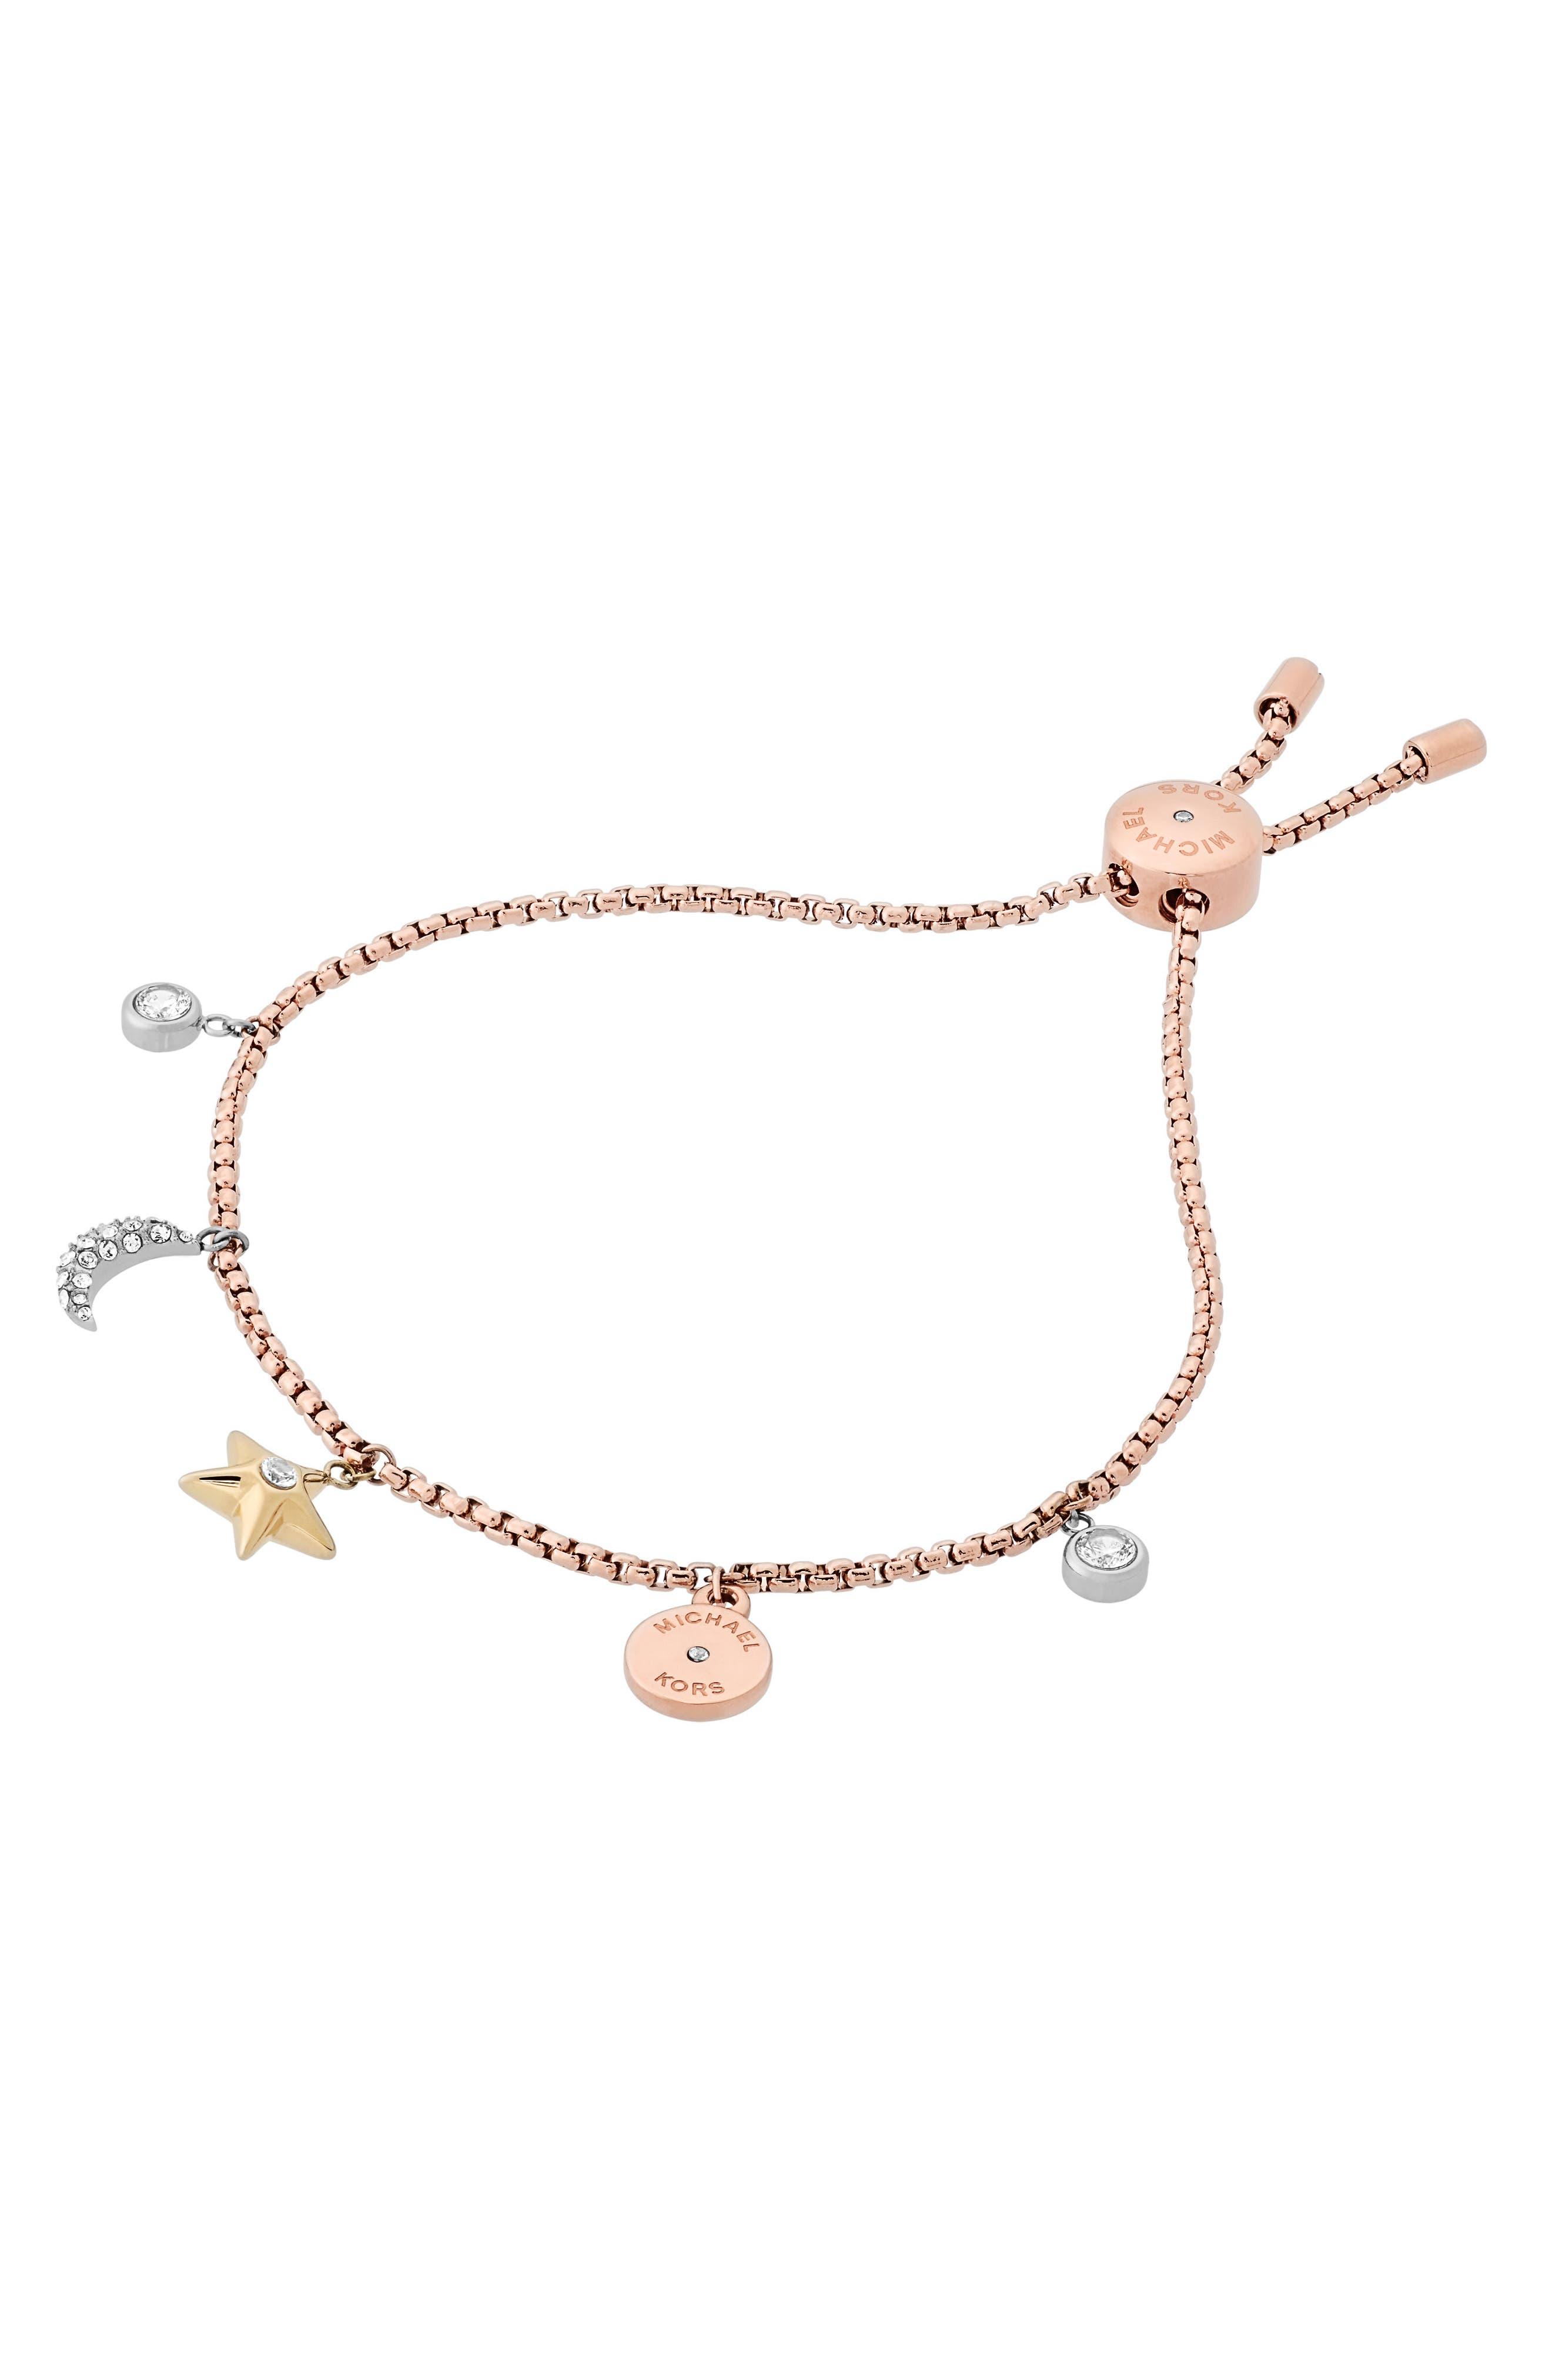 Alternate Image 1 Selected - Michael Kors Adjustable Slide Bracelet